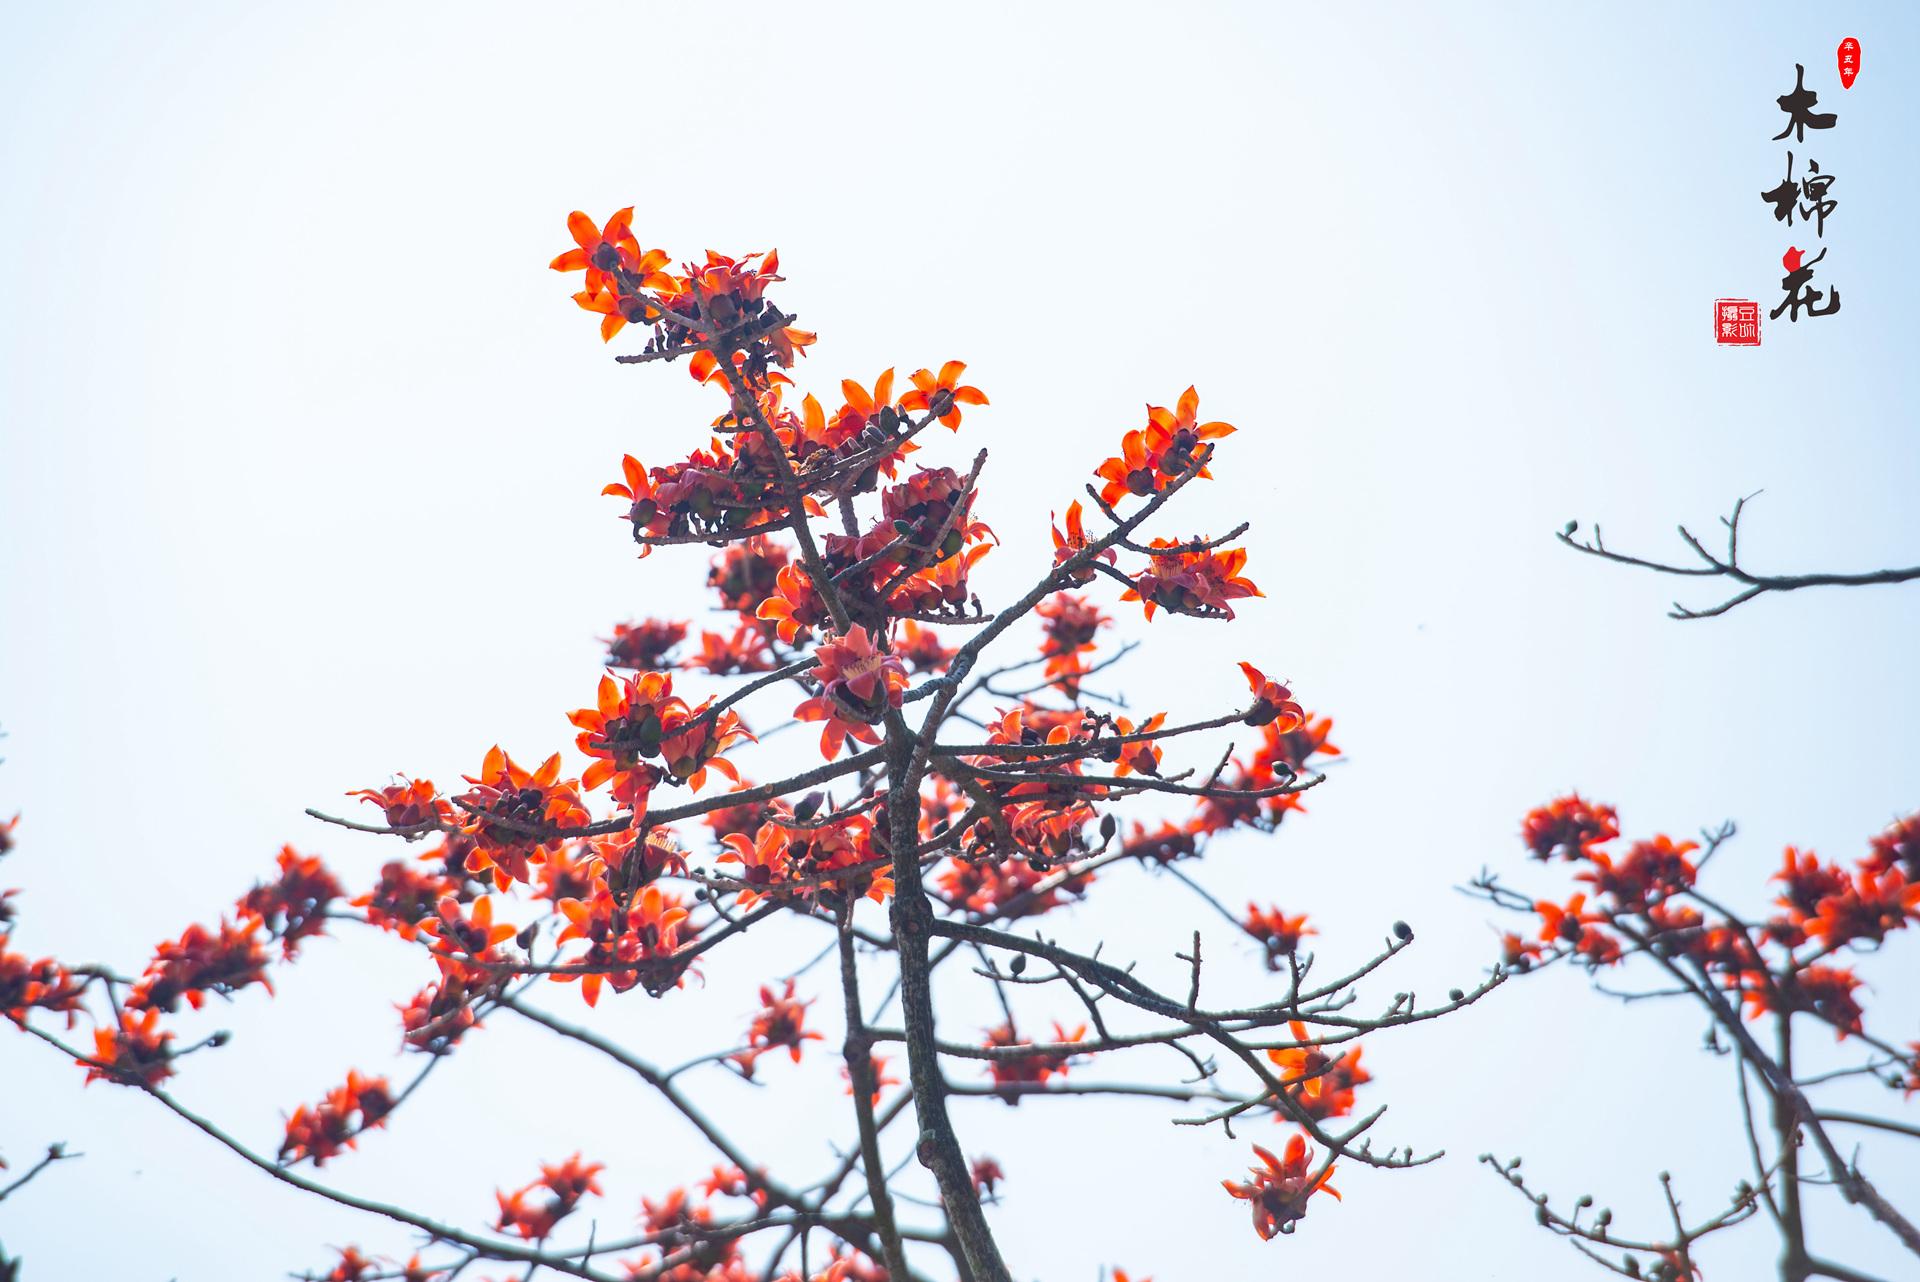 木棉花与鸟的故事07.jpg